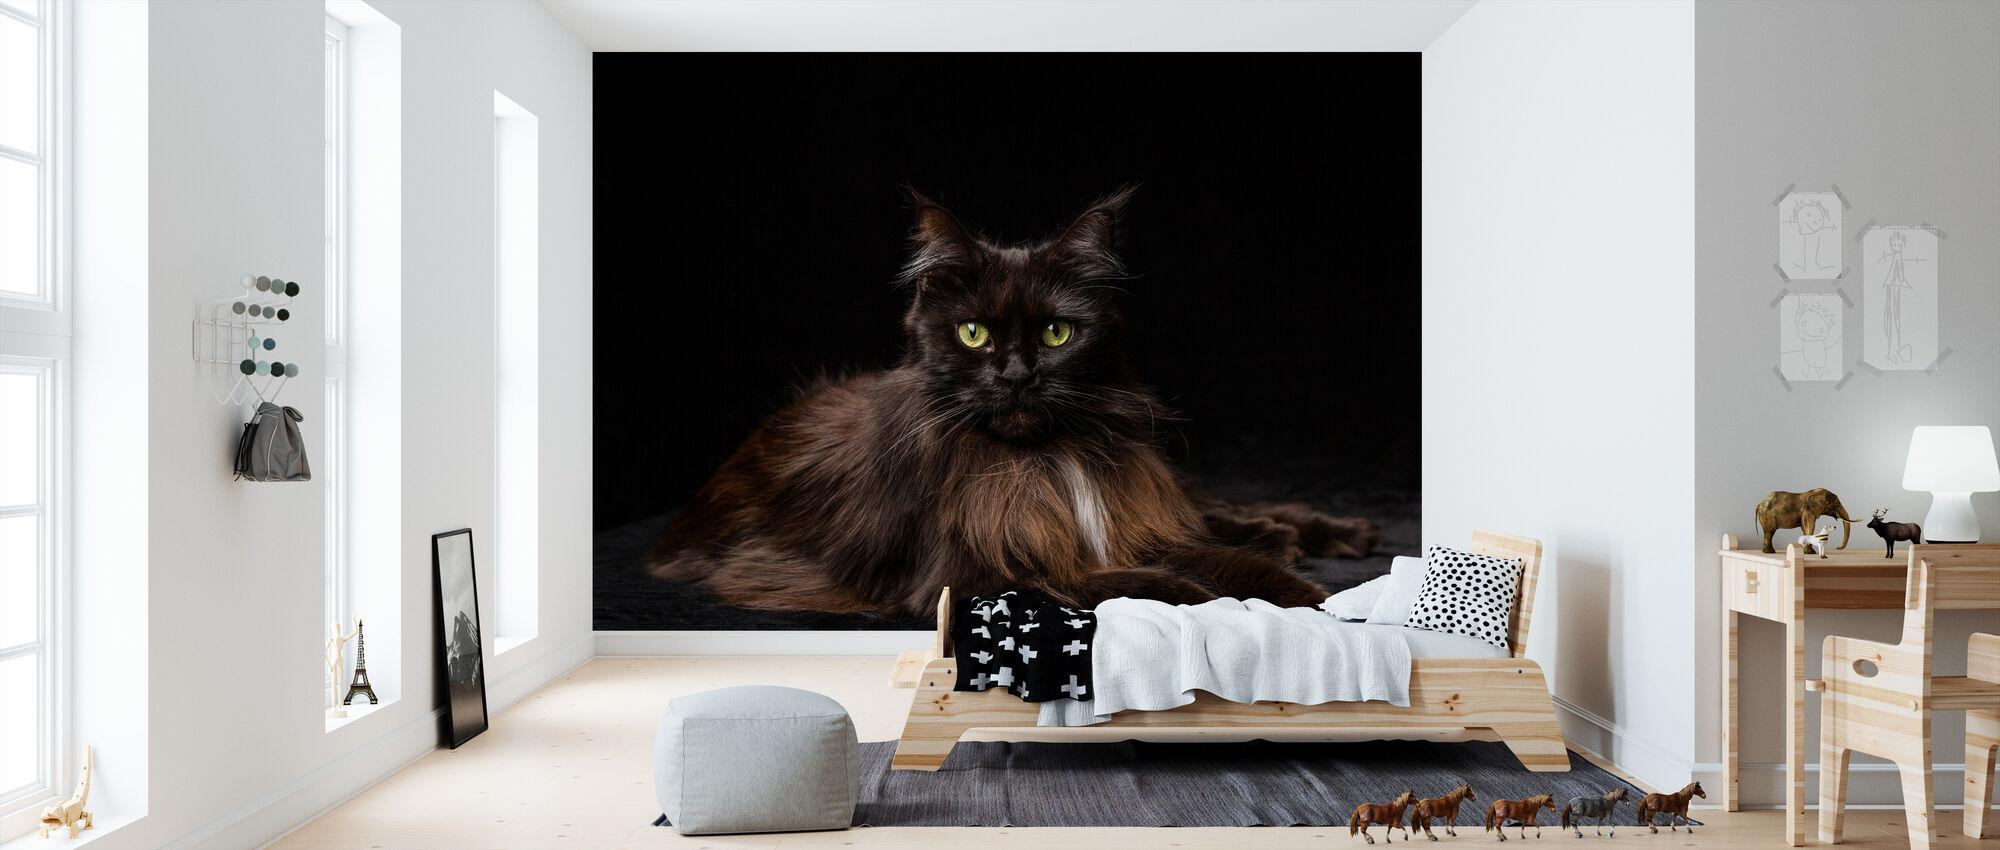 Maine Coon Cat Brown - Wallpaper - Kids Room